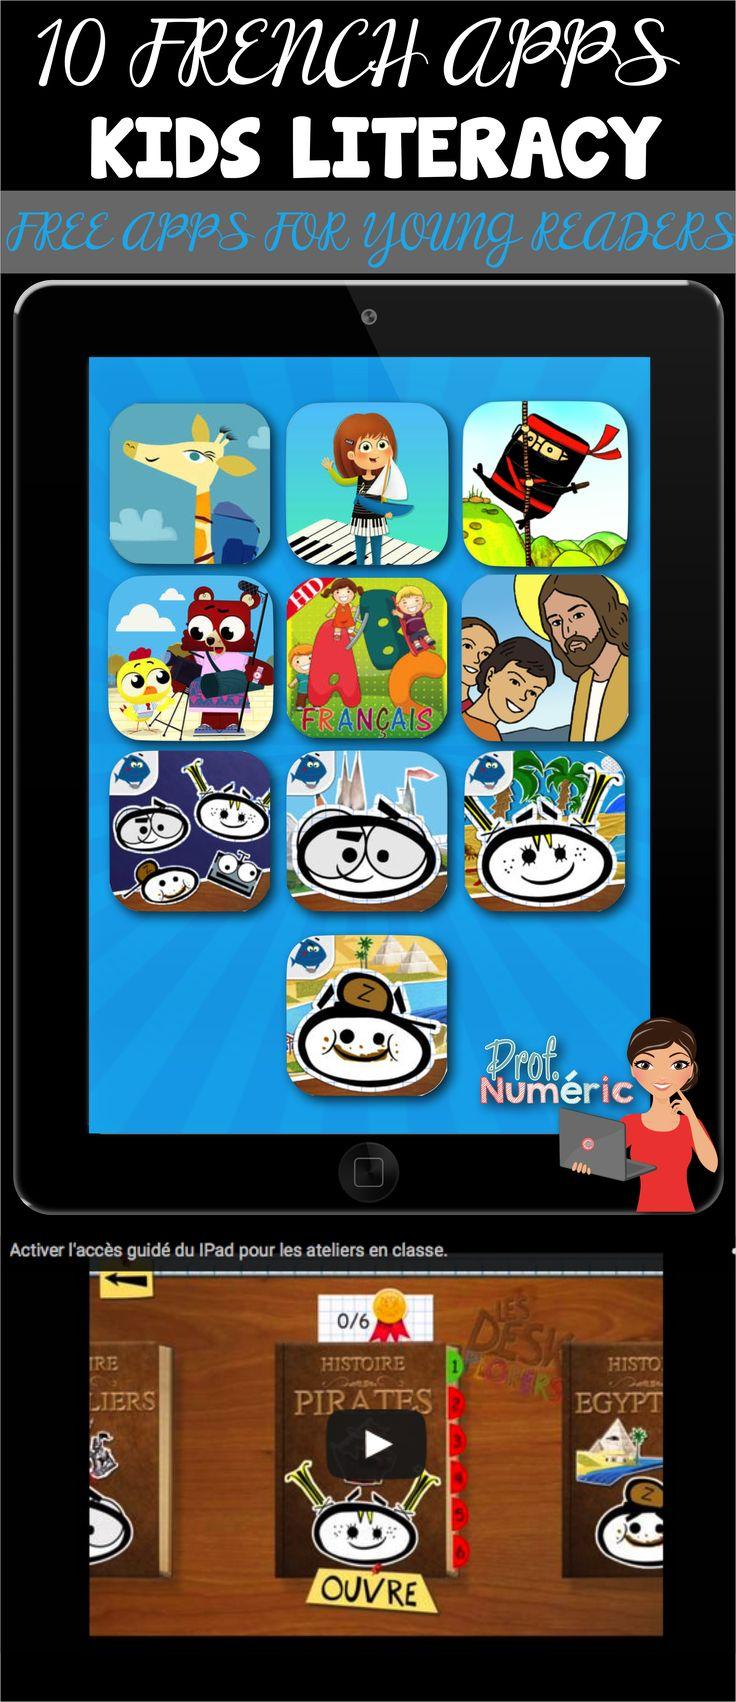 10 FRENCH APPS-Kids Literacy//Freee Apps for young readers. 10 Applications gratuites pour les jeunes lecteurs débutantes.